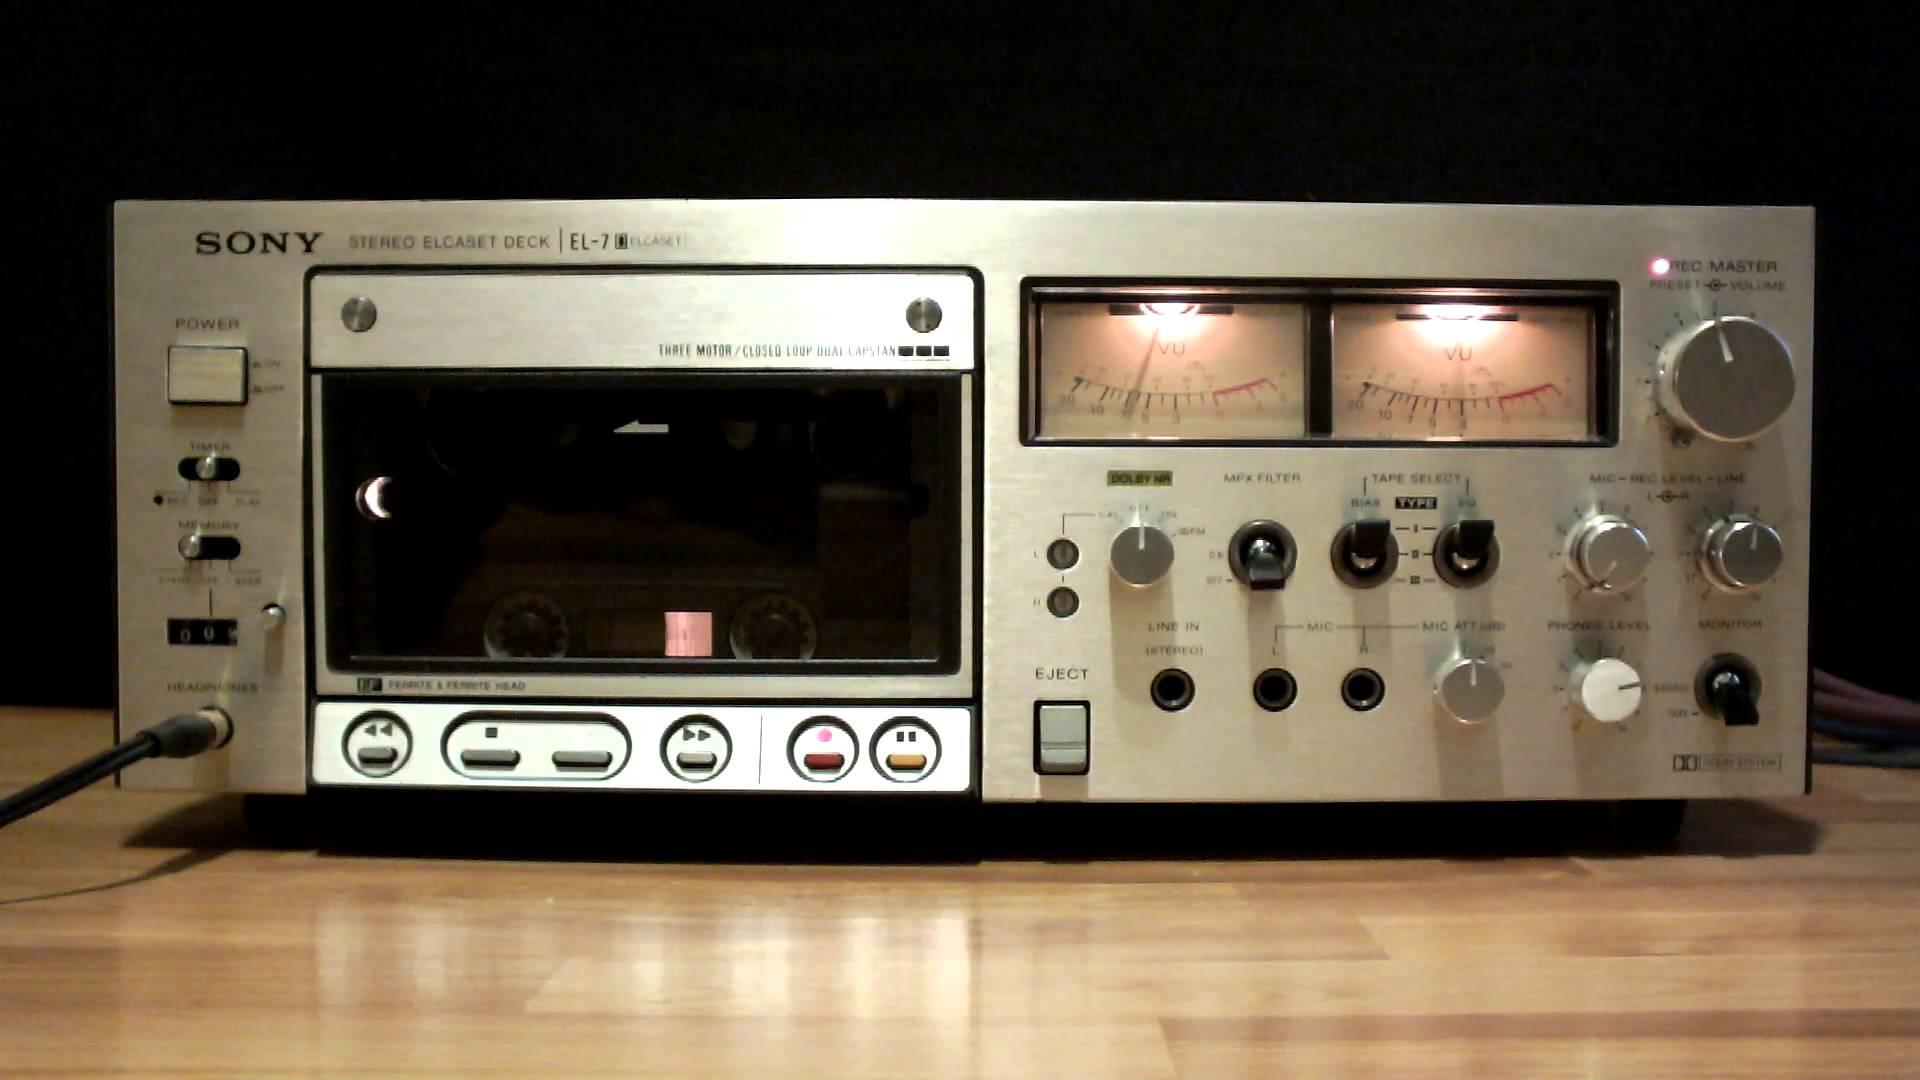 Elcaset: гигантские аудиокассеты прошлого из Японии и забытый аудиоформат - 3